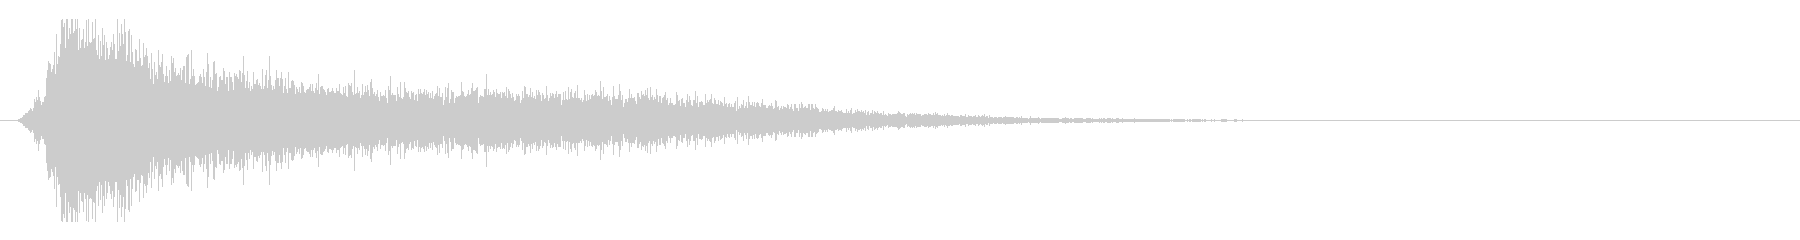 サスペンスピアノ音_3-1の未再生の波形